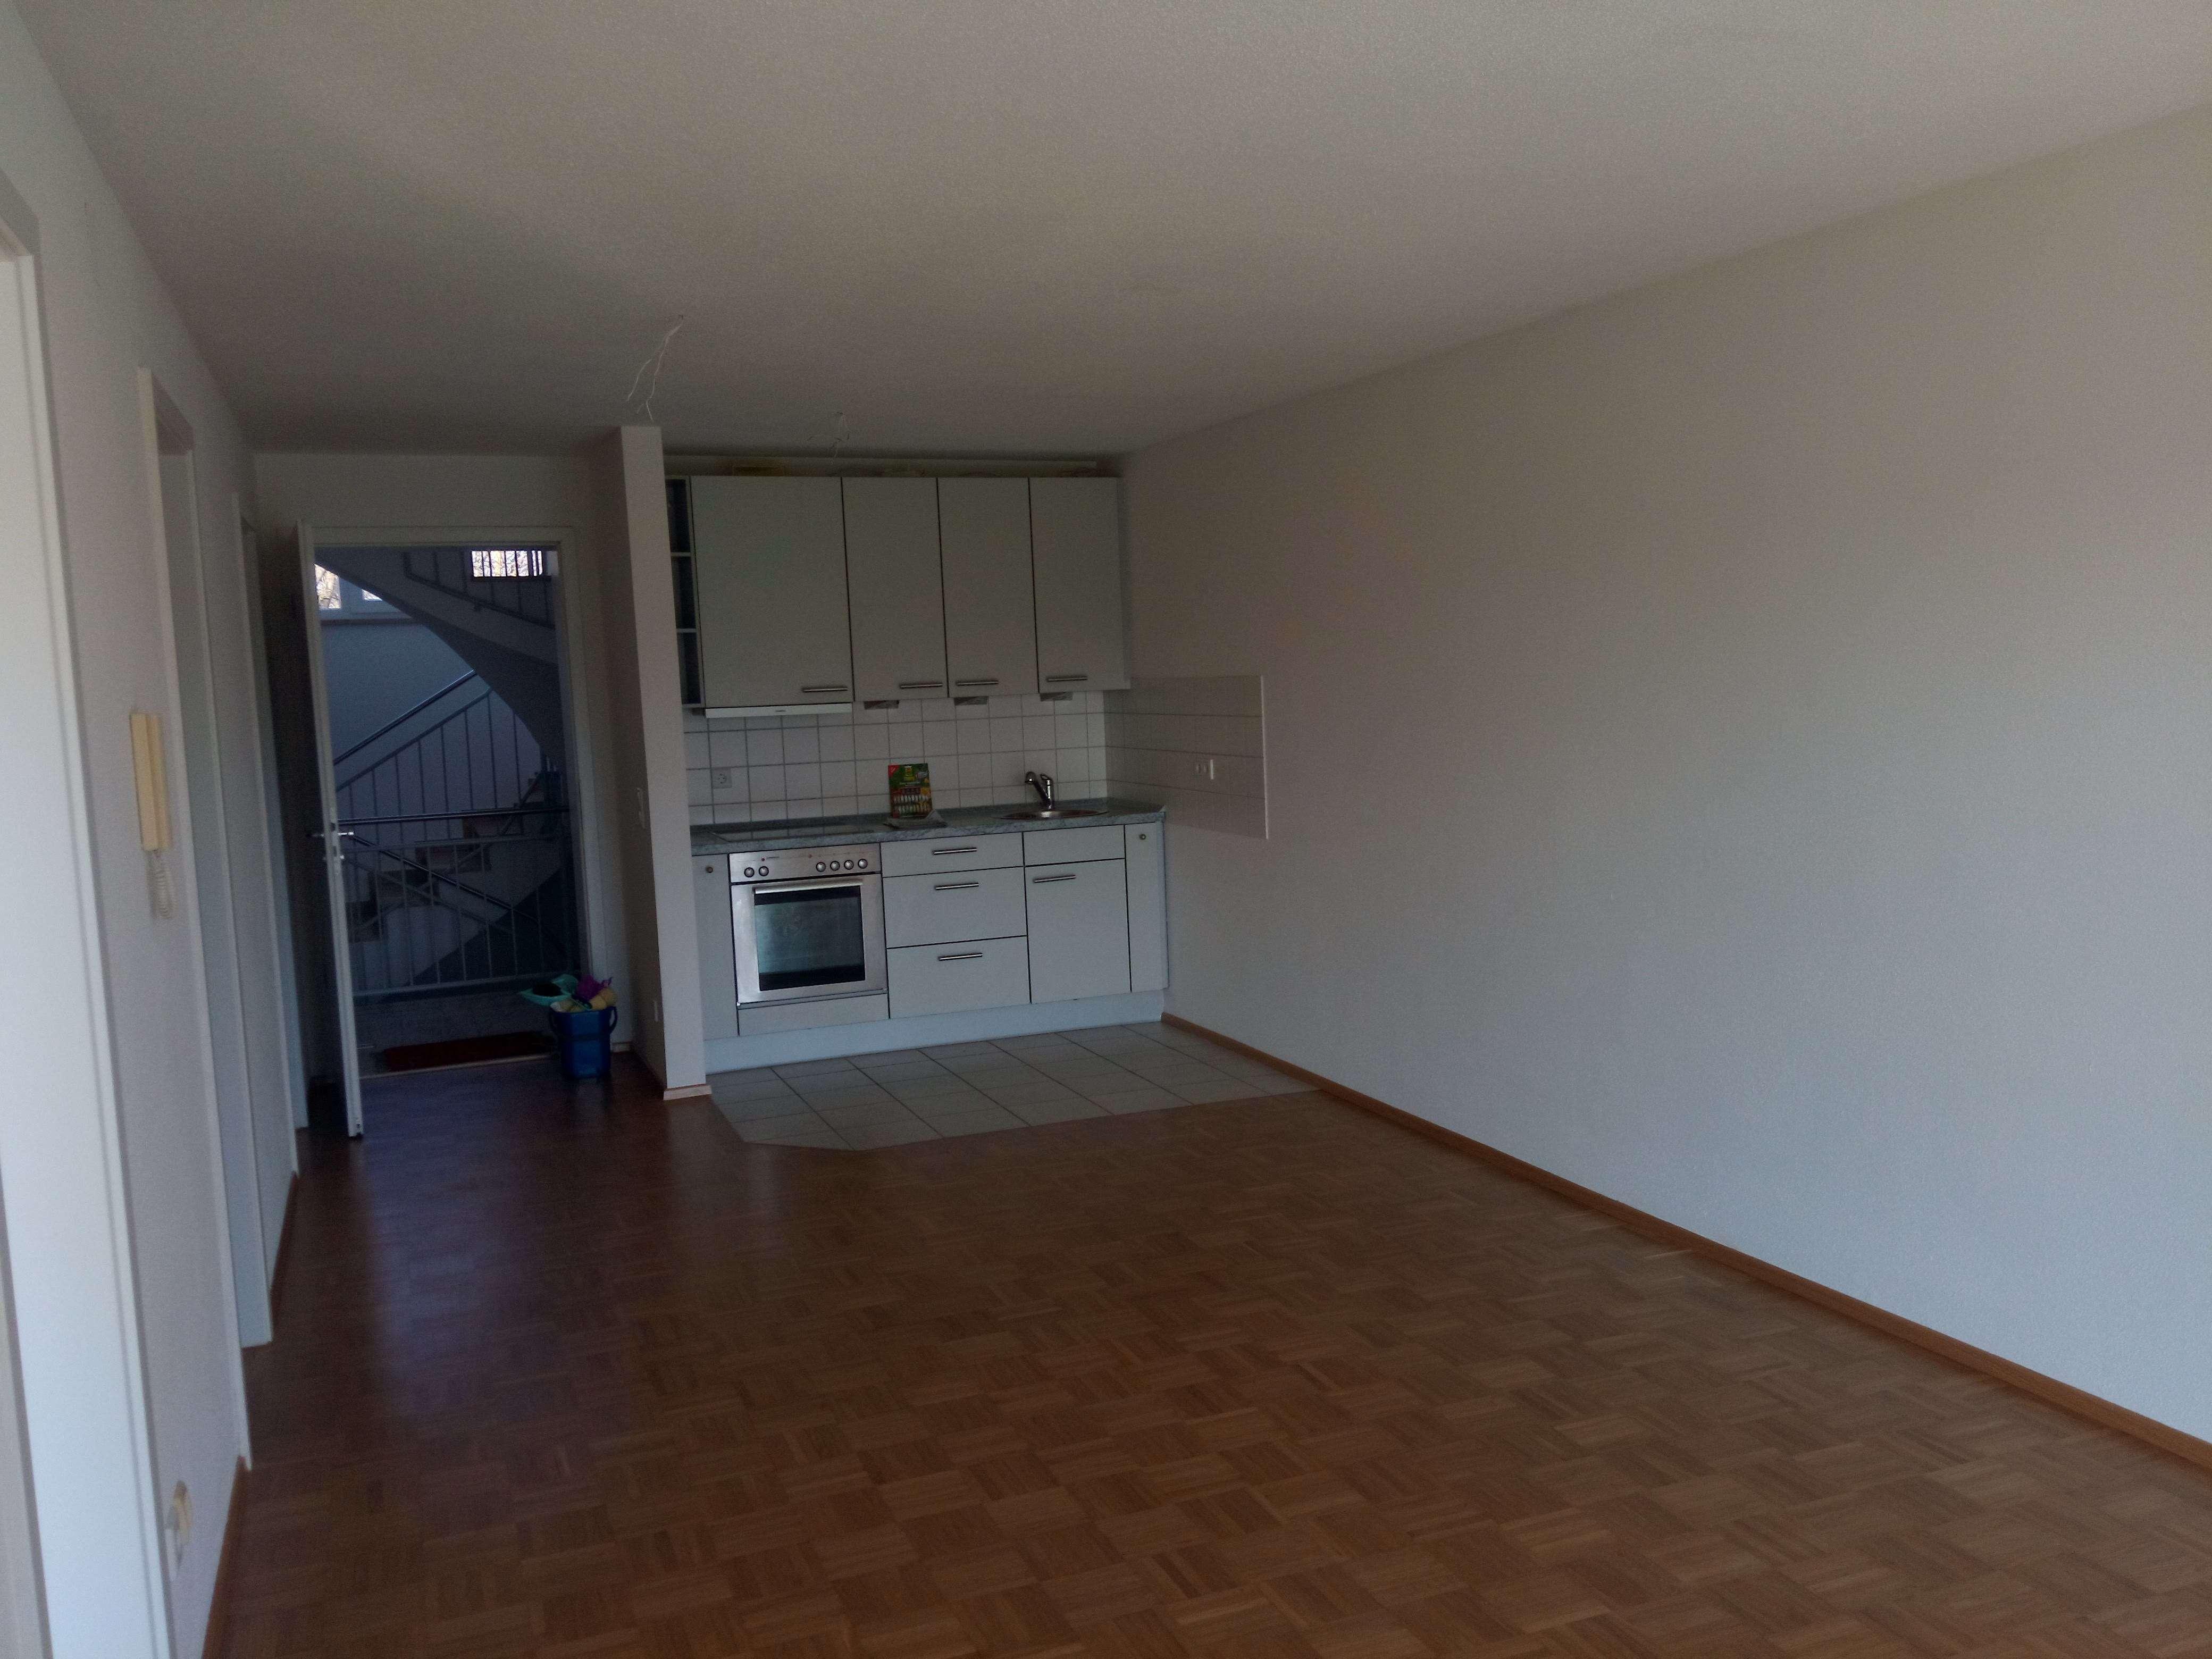 Stilvolle, gepflegte 2,5-Zimmer-Wohnung mit Balkon in Hallbergmoos in